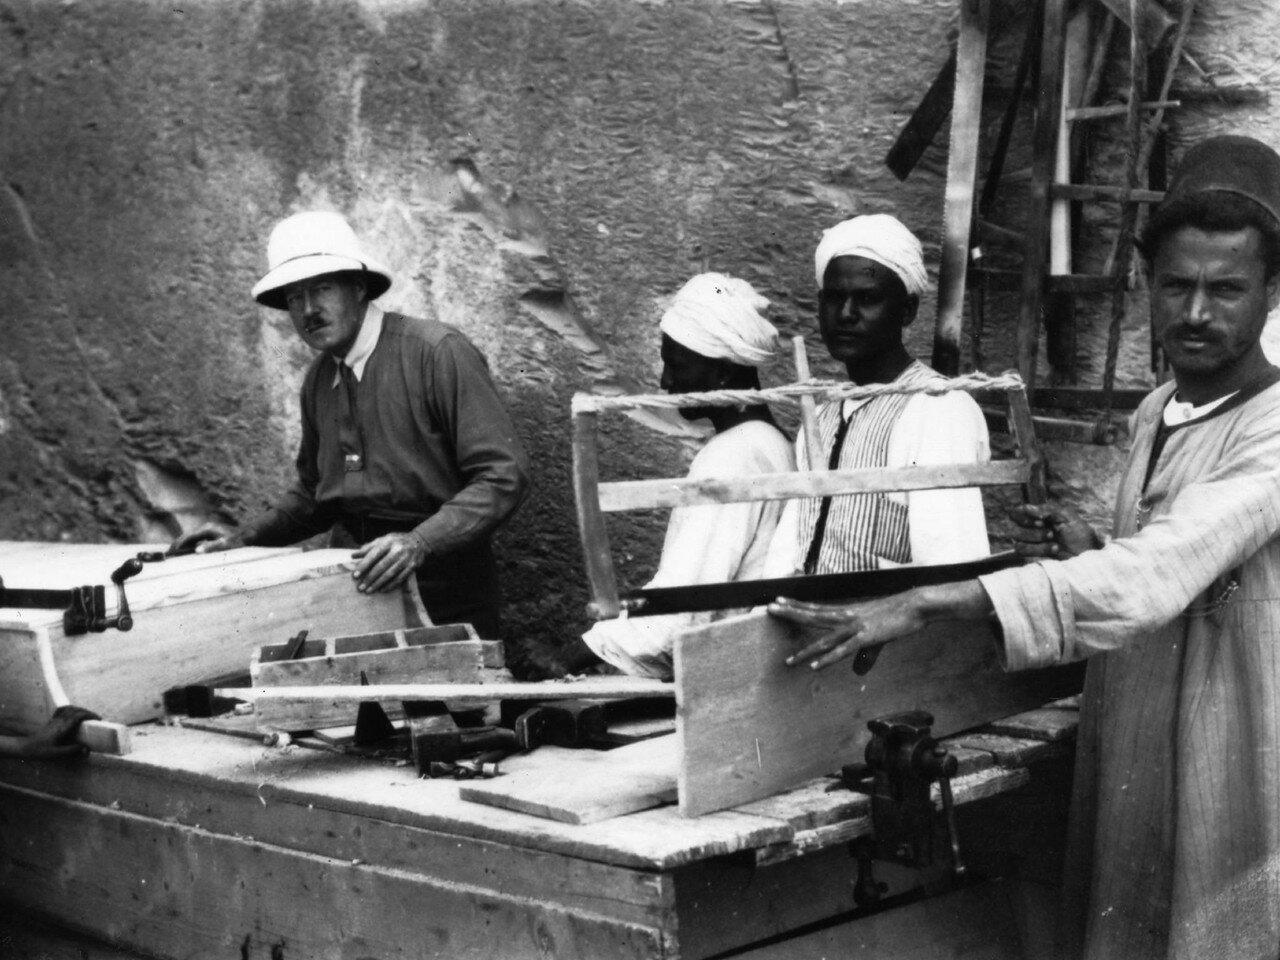 Каллендер, ассистент Говарда Картера  возле местных плотников, подготавливающих ящики для транспортировки находок